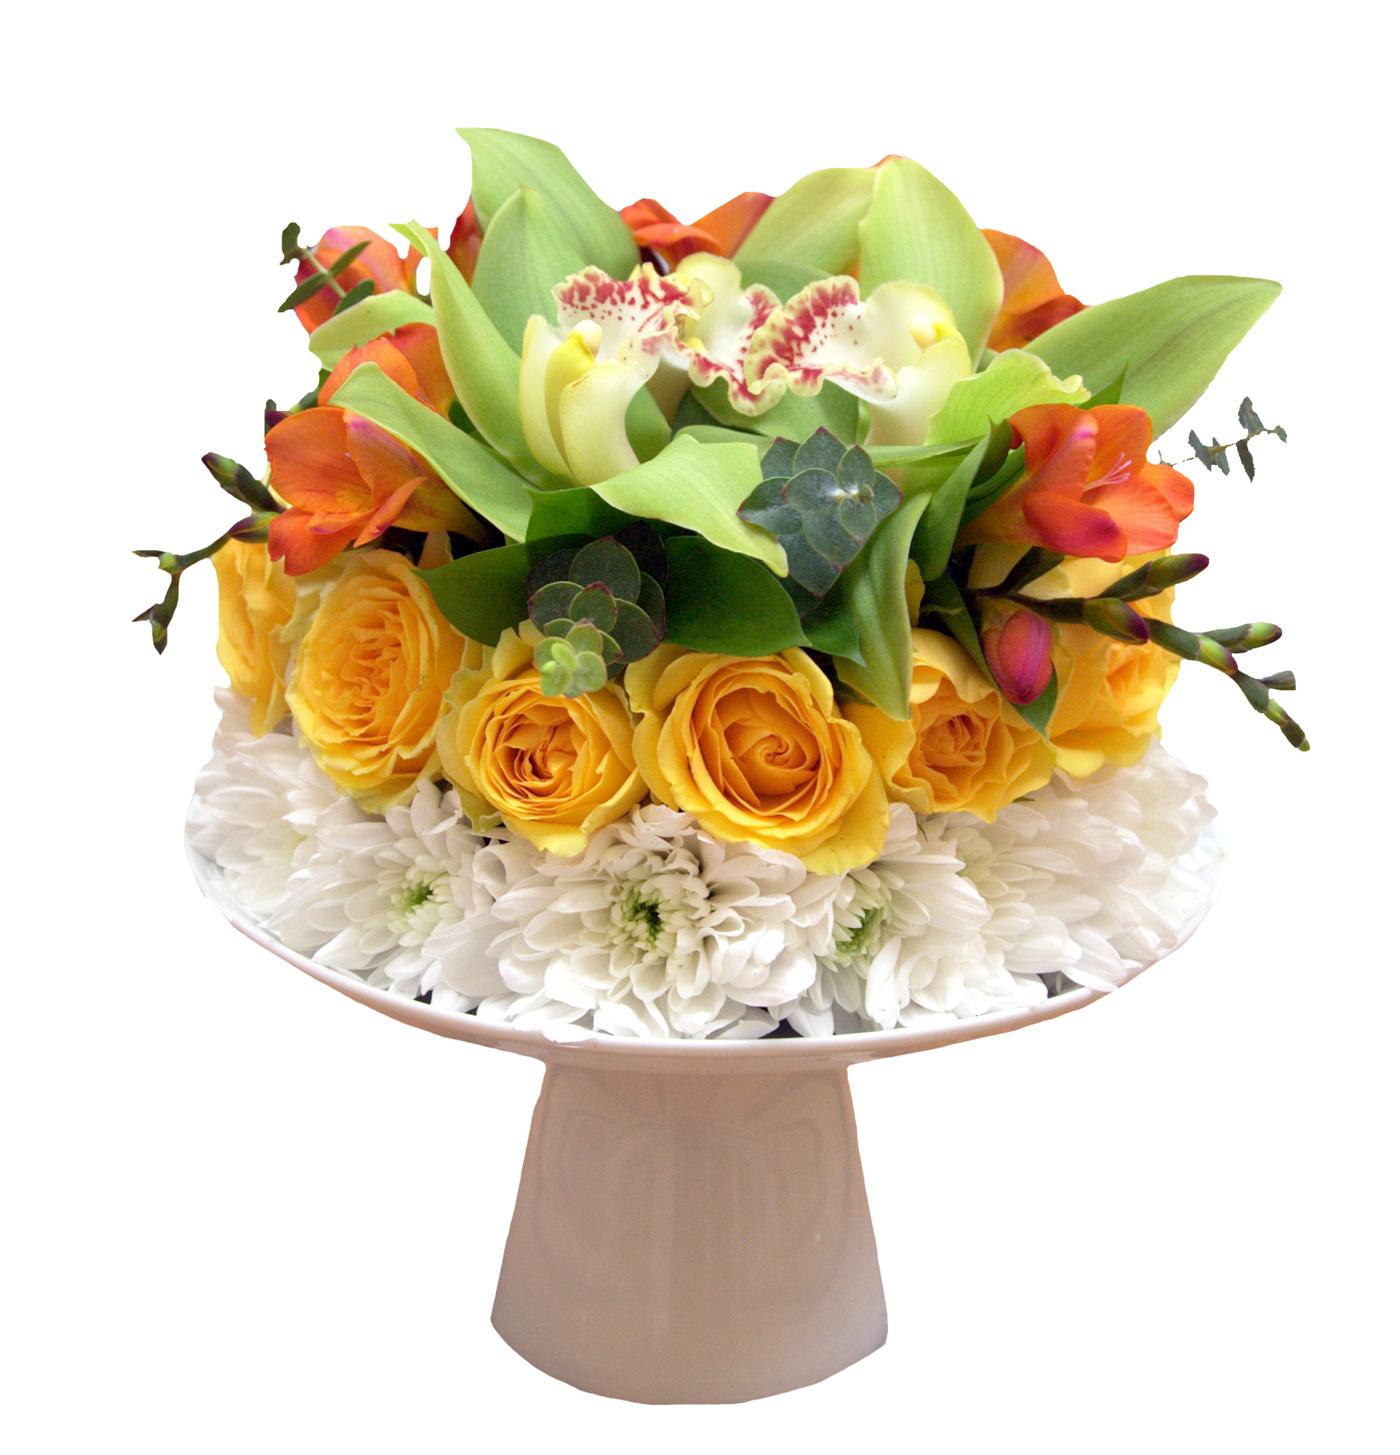 Comanda torturi din flori online